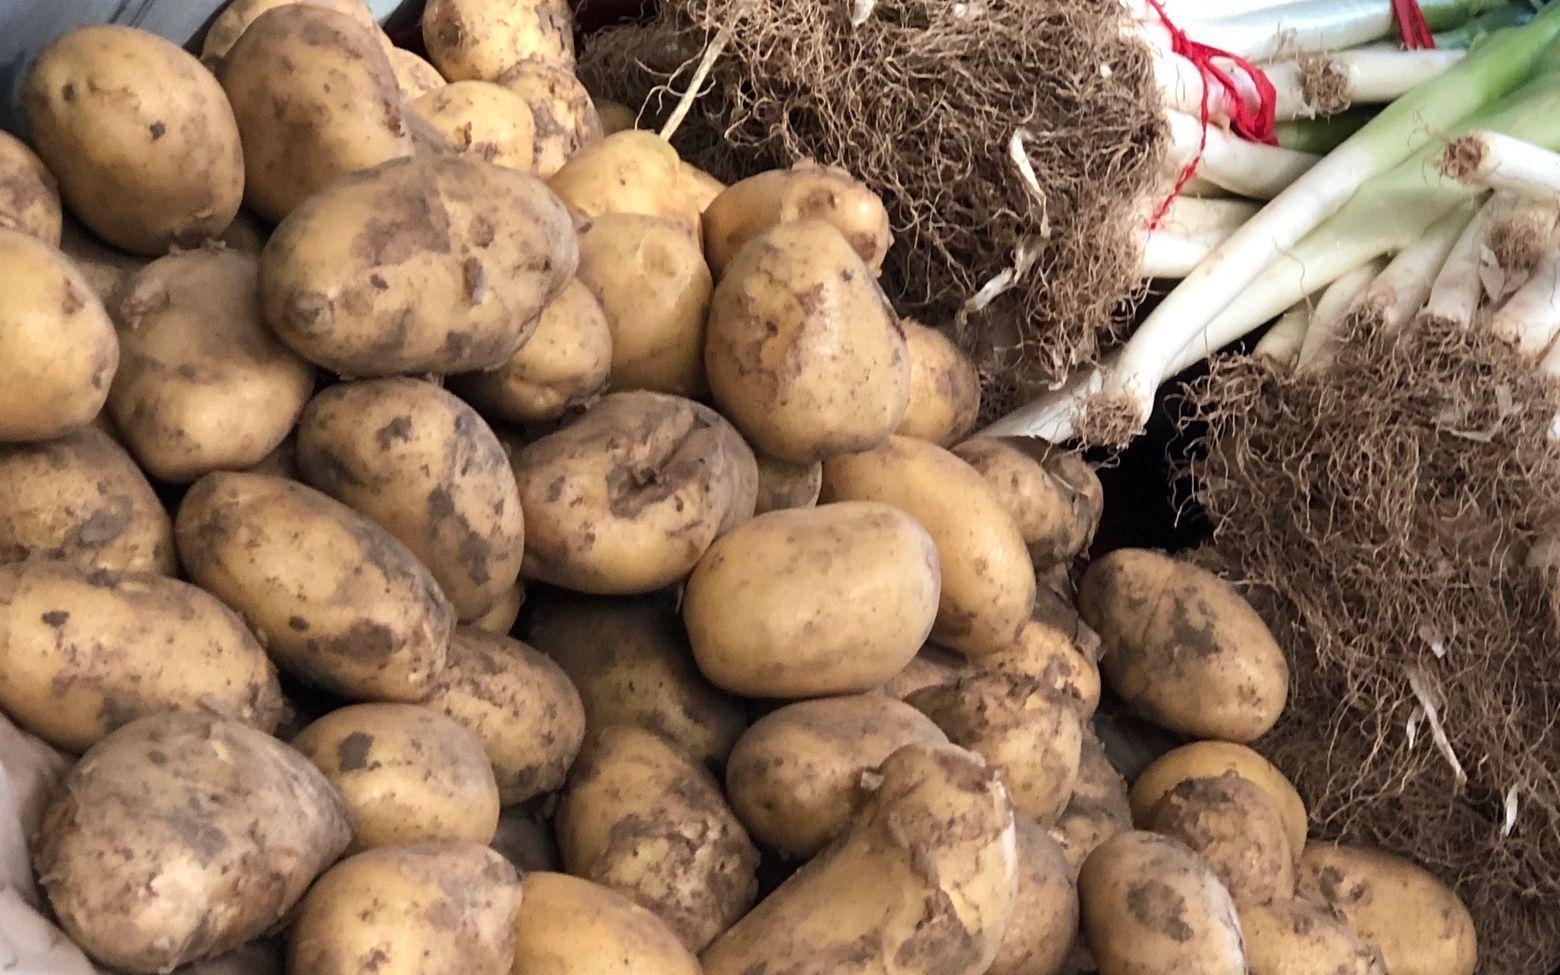 土豆黄瓜供应基本无缺口 北京商超:有能力平价足量供应图片